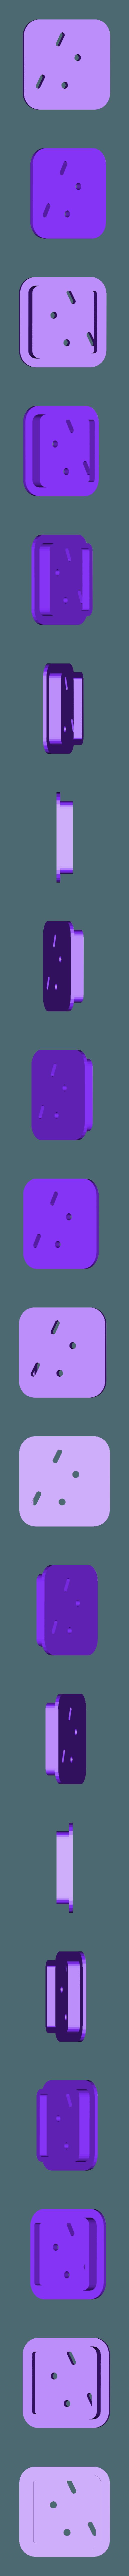 socle.stl Télécharger fichier STL gratuit Lecteur microSD Davinci AiO • Objet pour impression 3D, bricodx